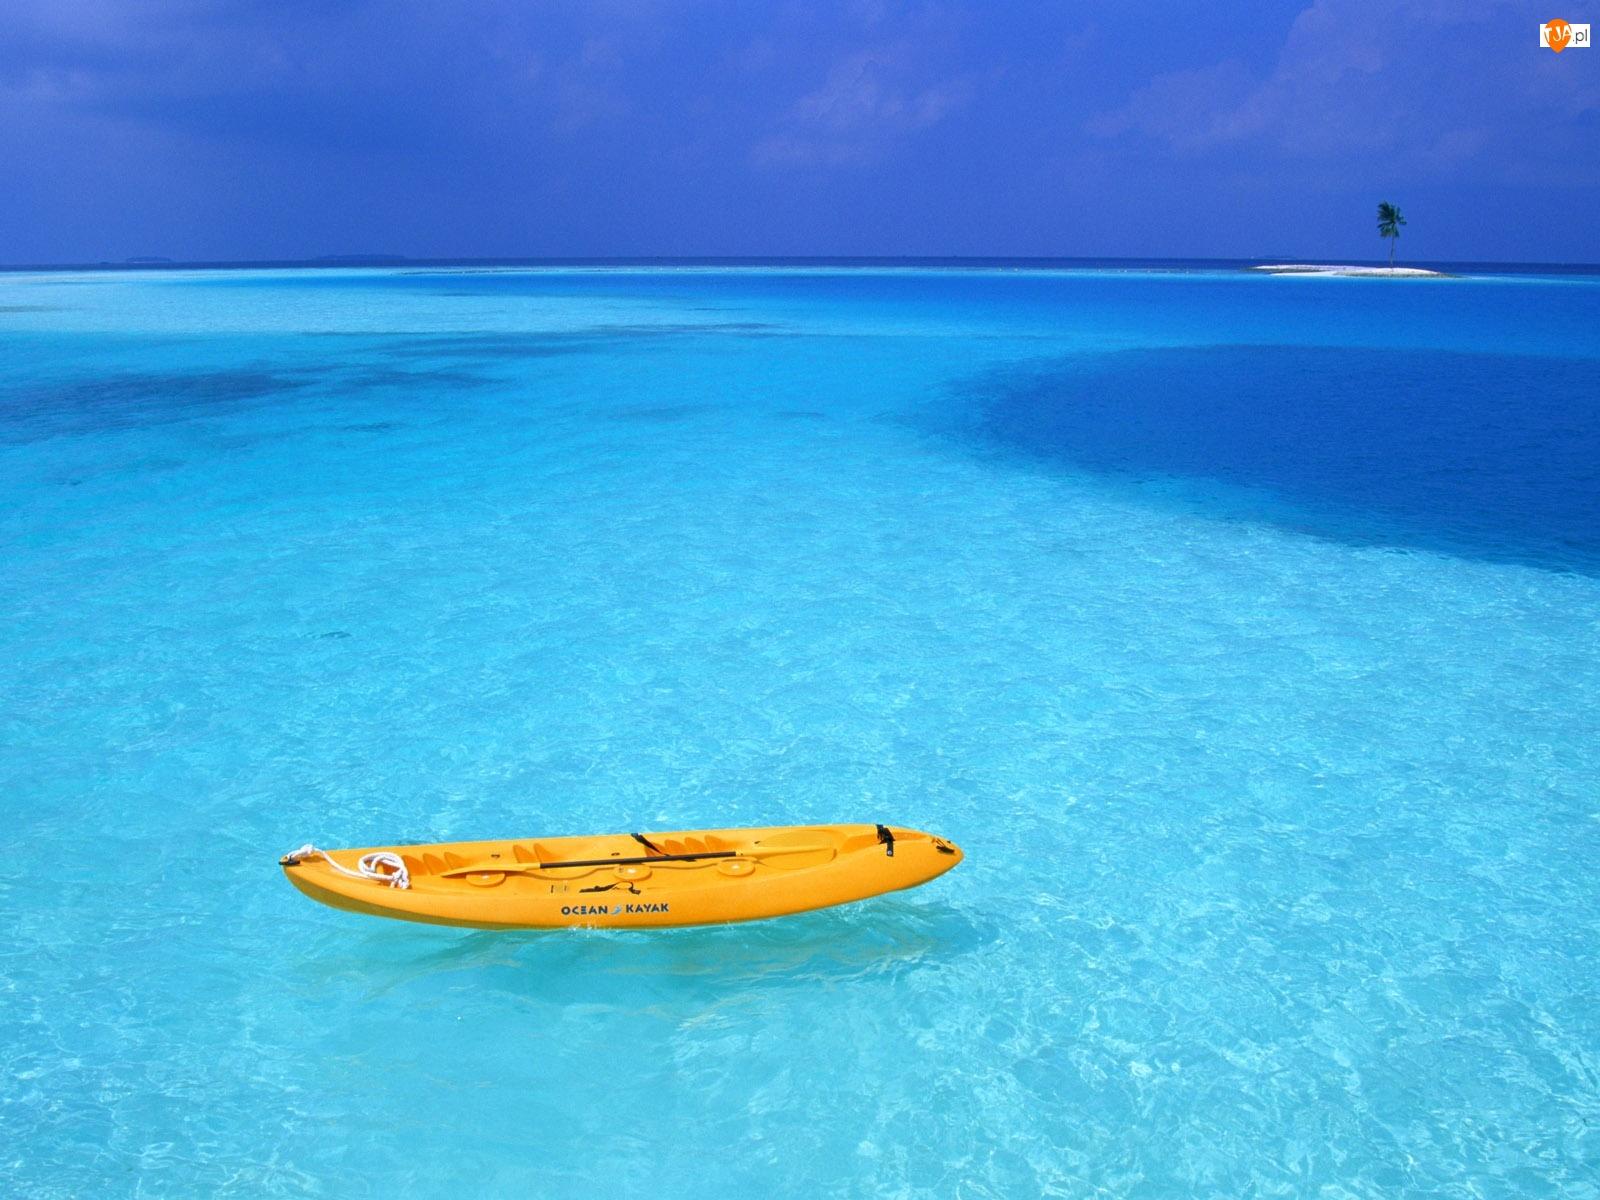 Wyspa, Kajak, Ocean